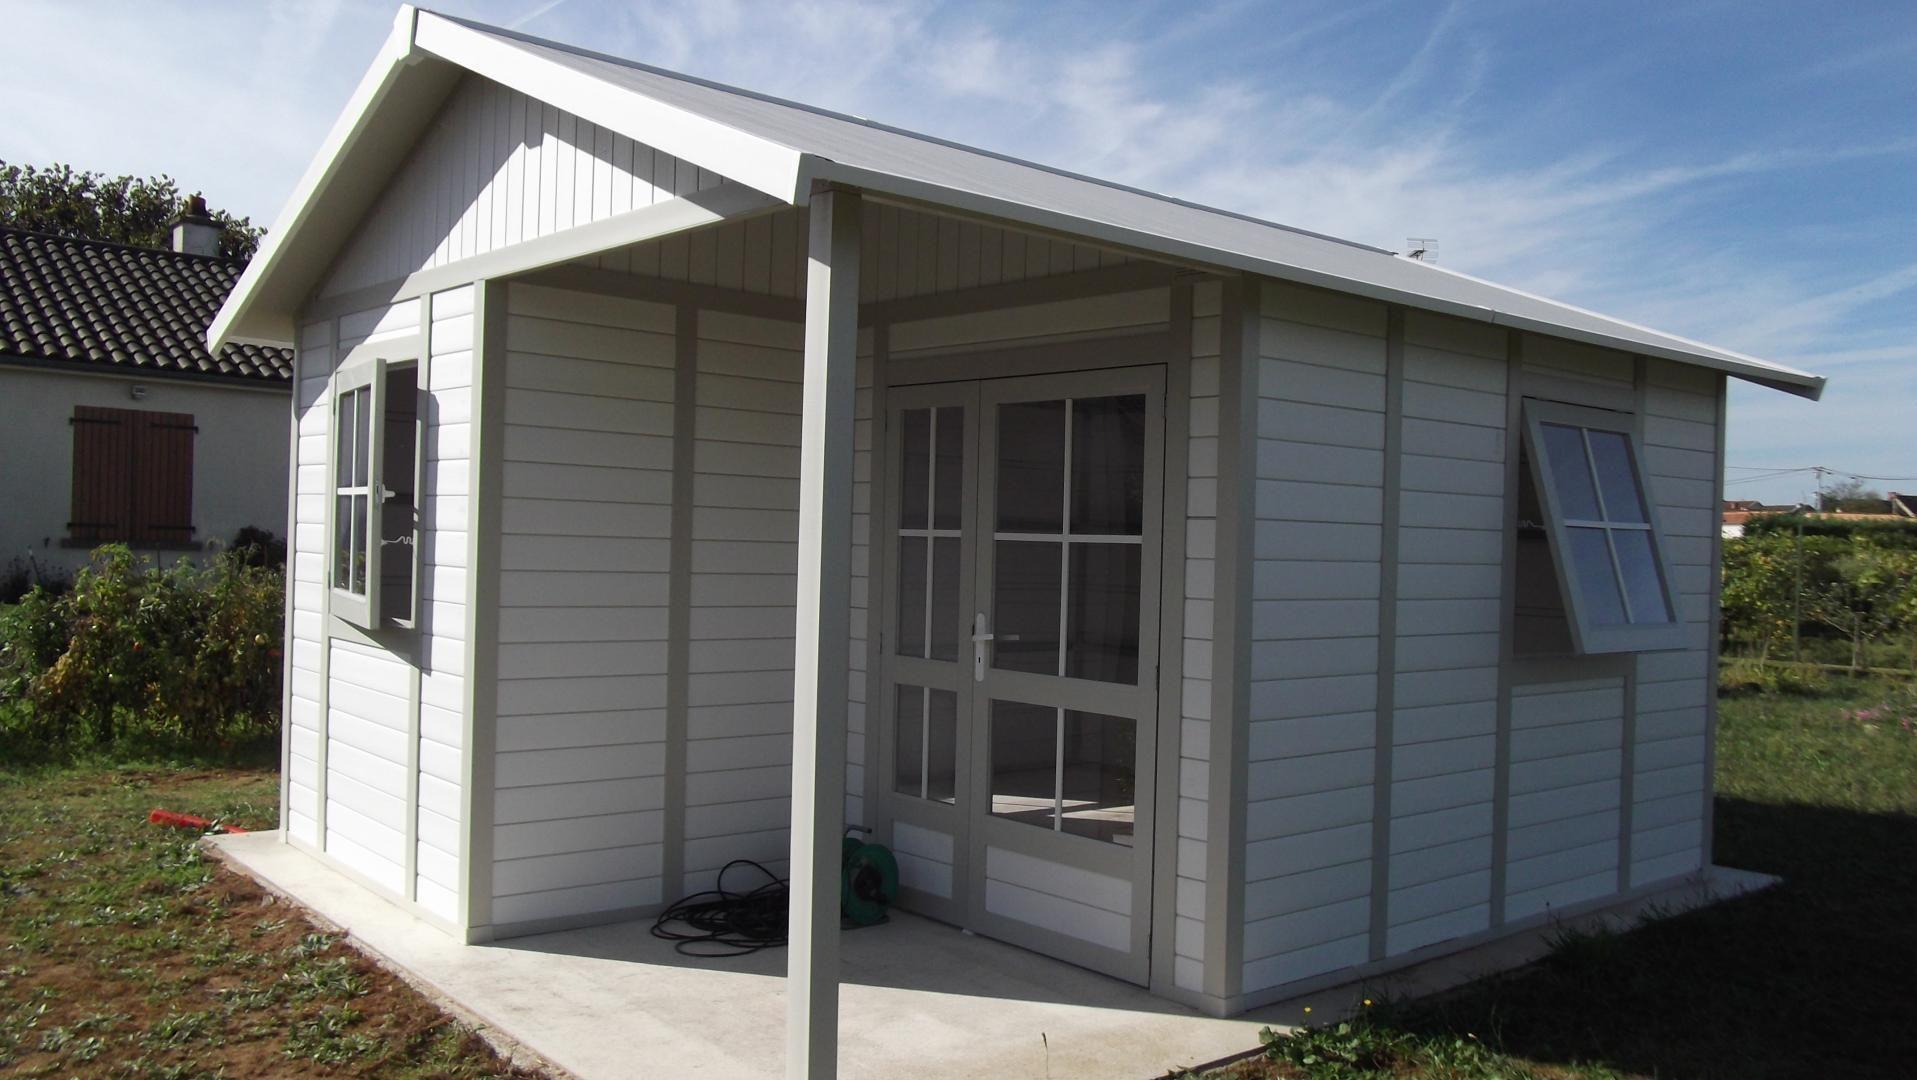 Abri De Jardin En Pvc 19,87M² Deco 20B Blanc Et Gris Vert dedans Abris De Jardin Grosfillex